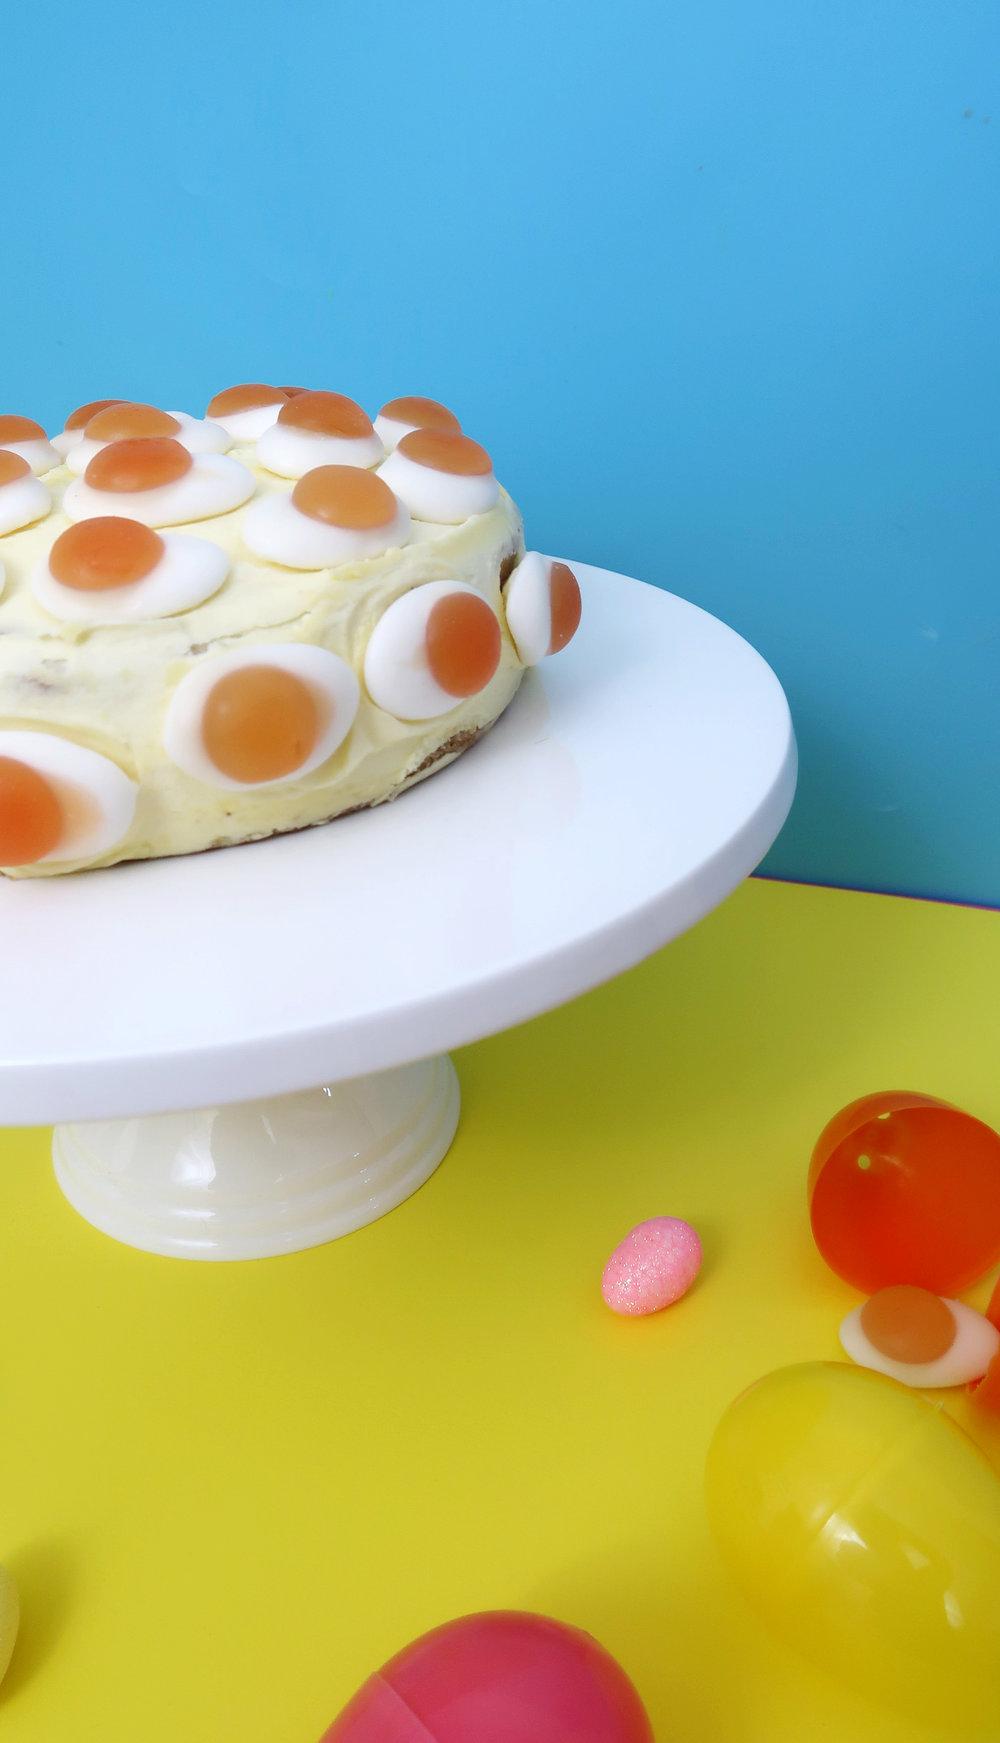 fried egg cake